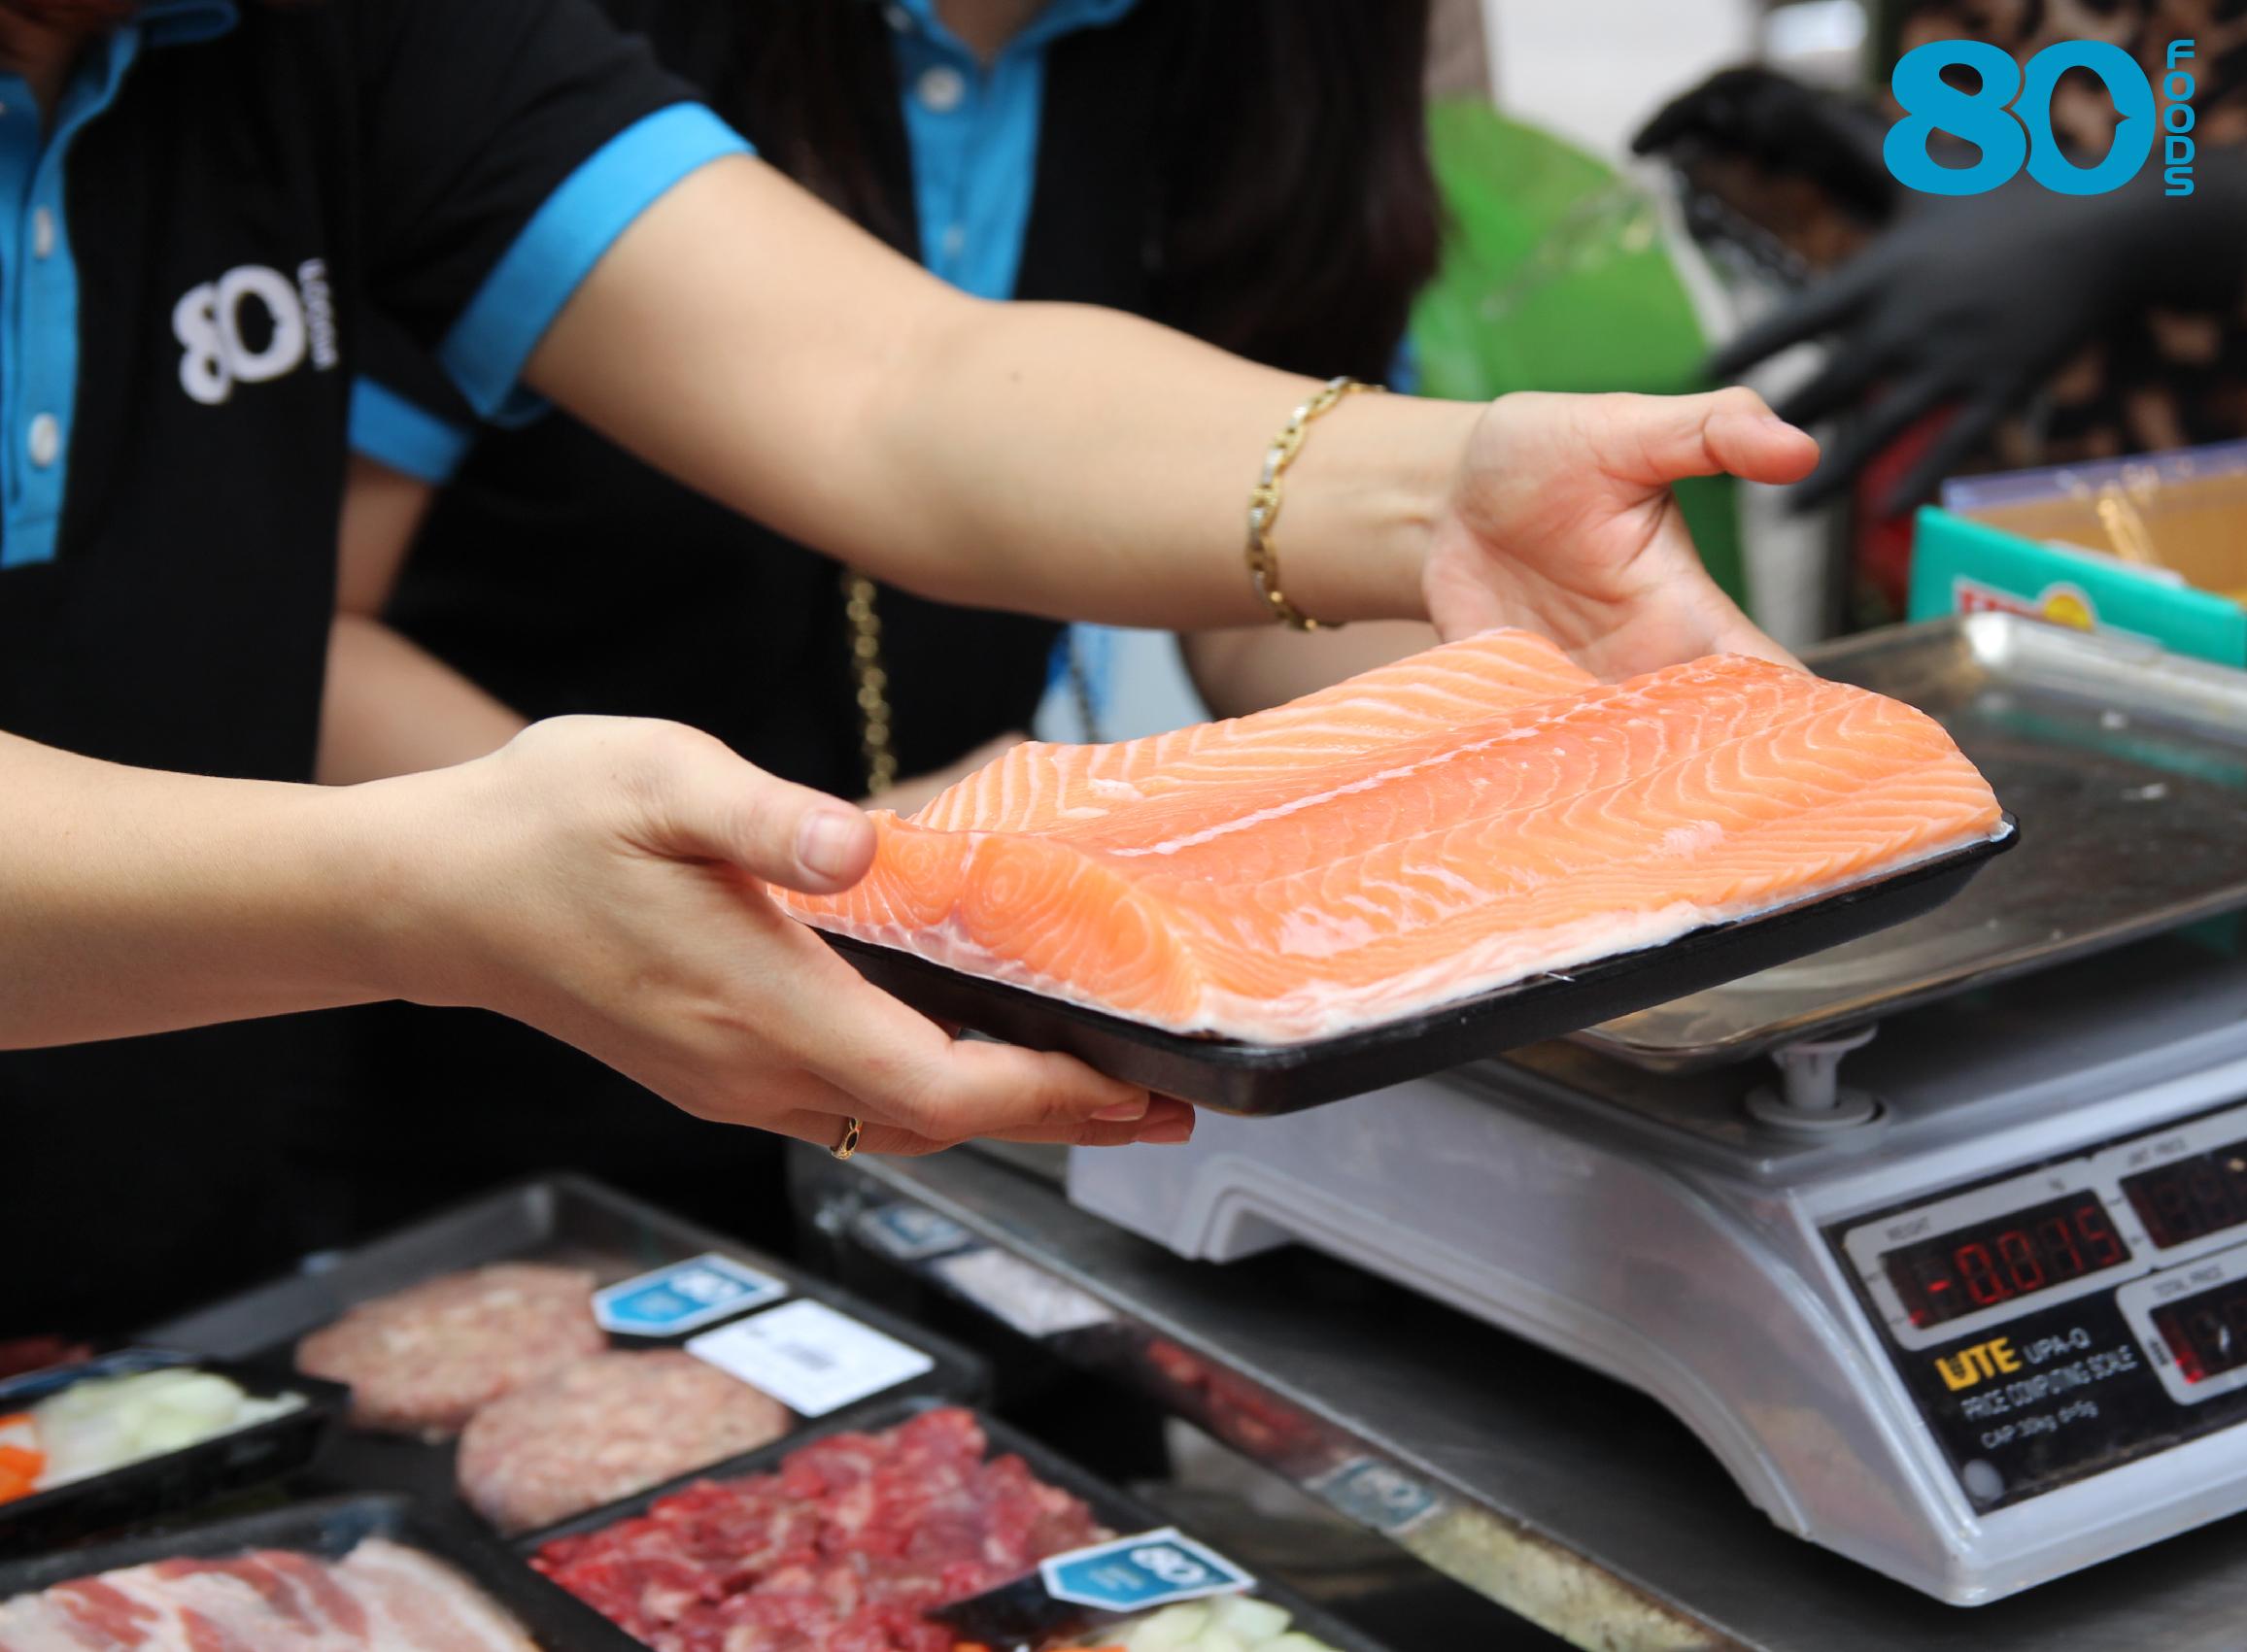 Cá hồi NaUy Organic có điều gì đặc biệt so với cá hồi NaUy thường?